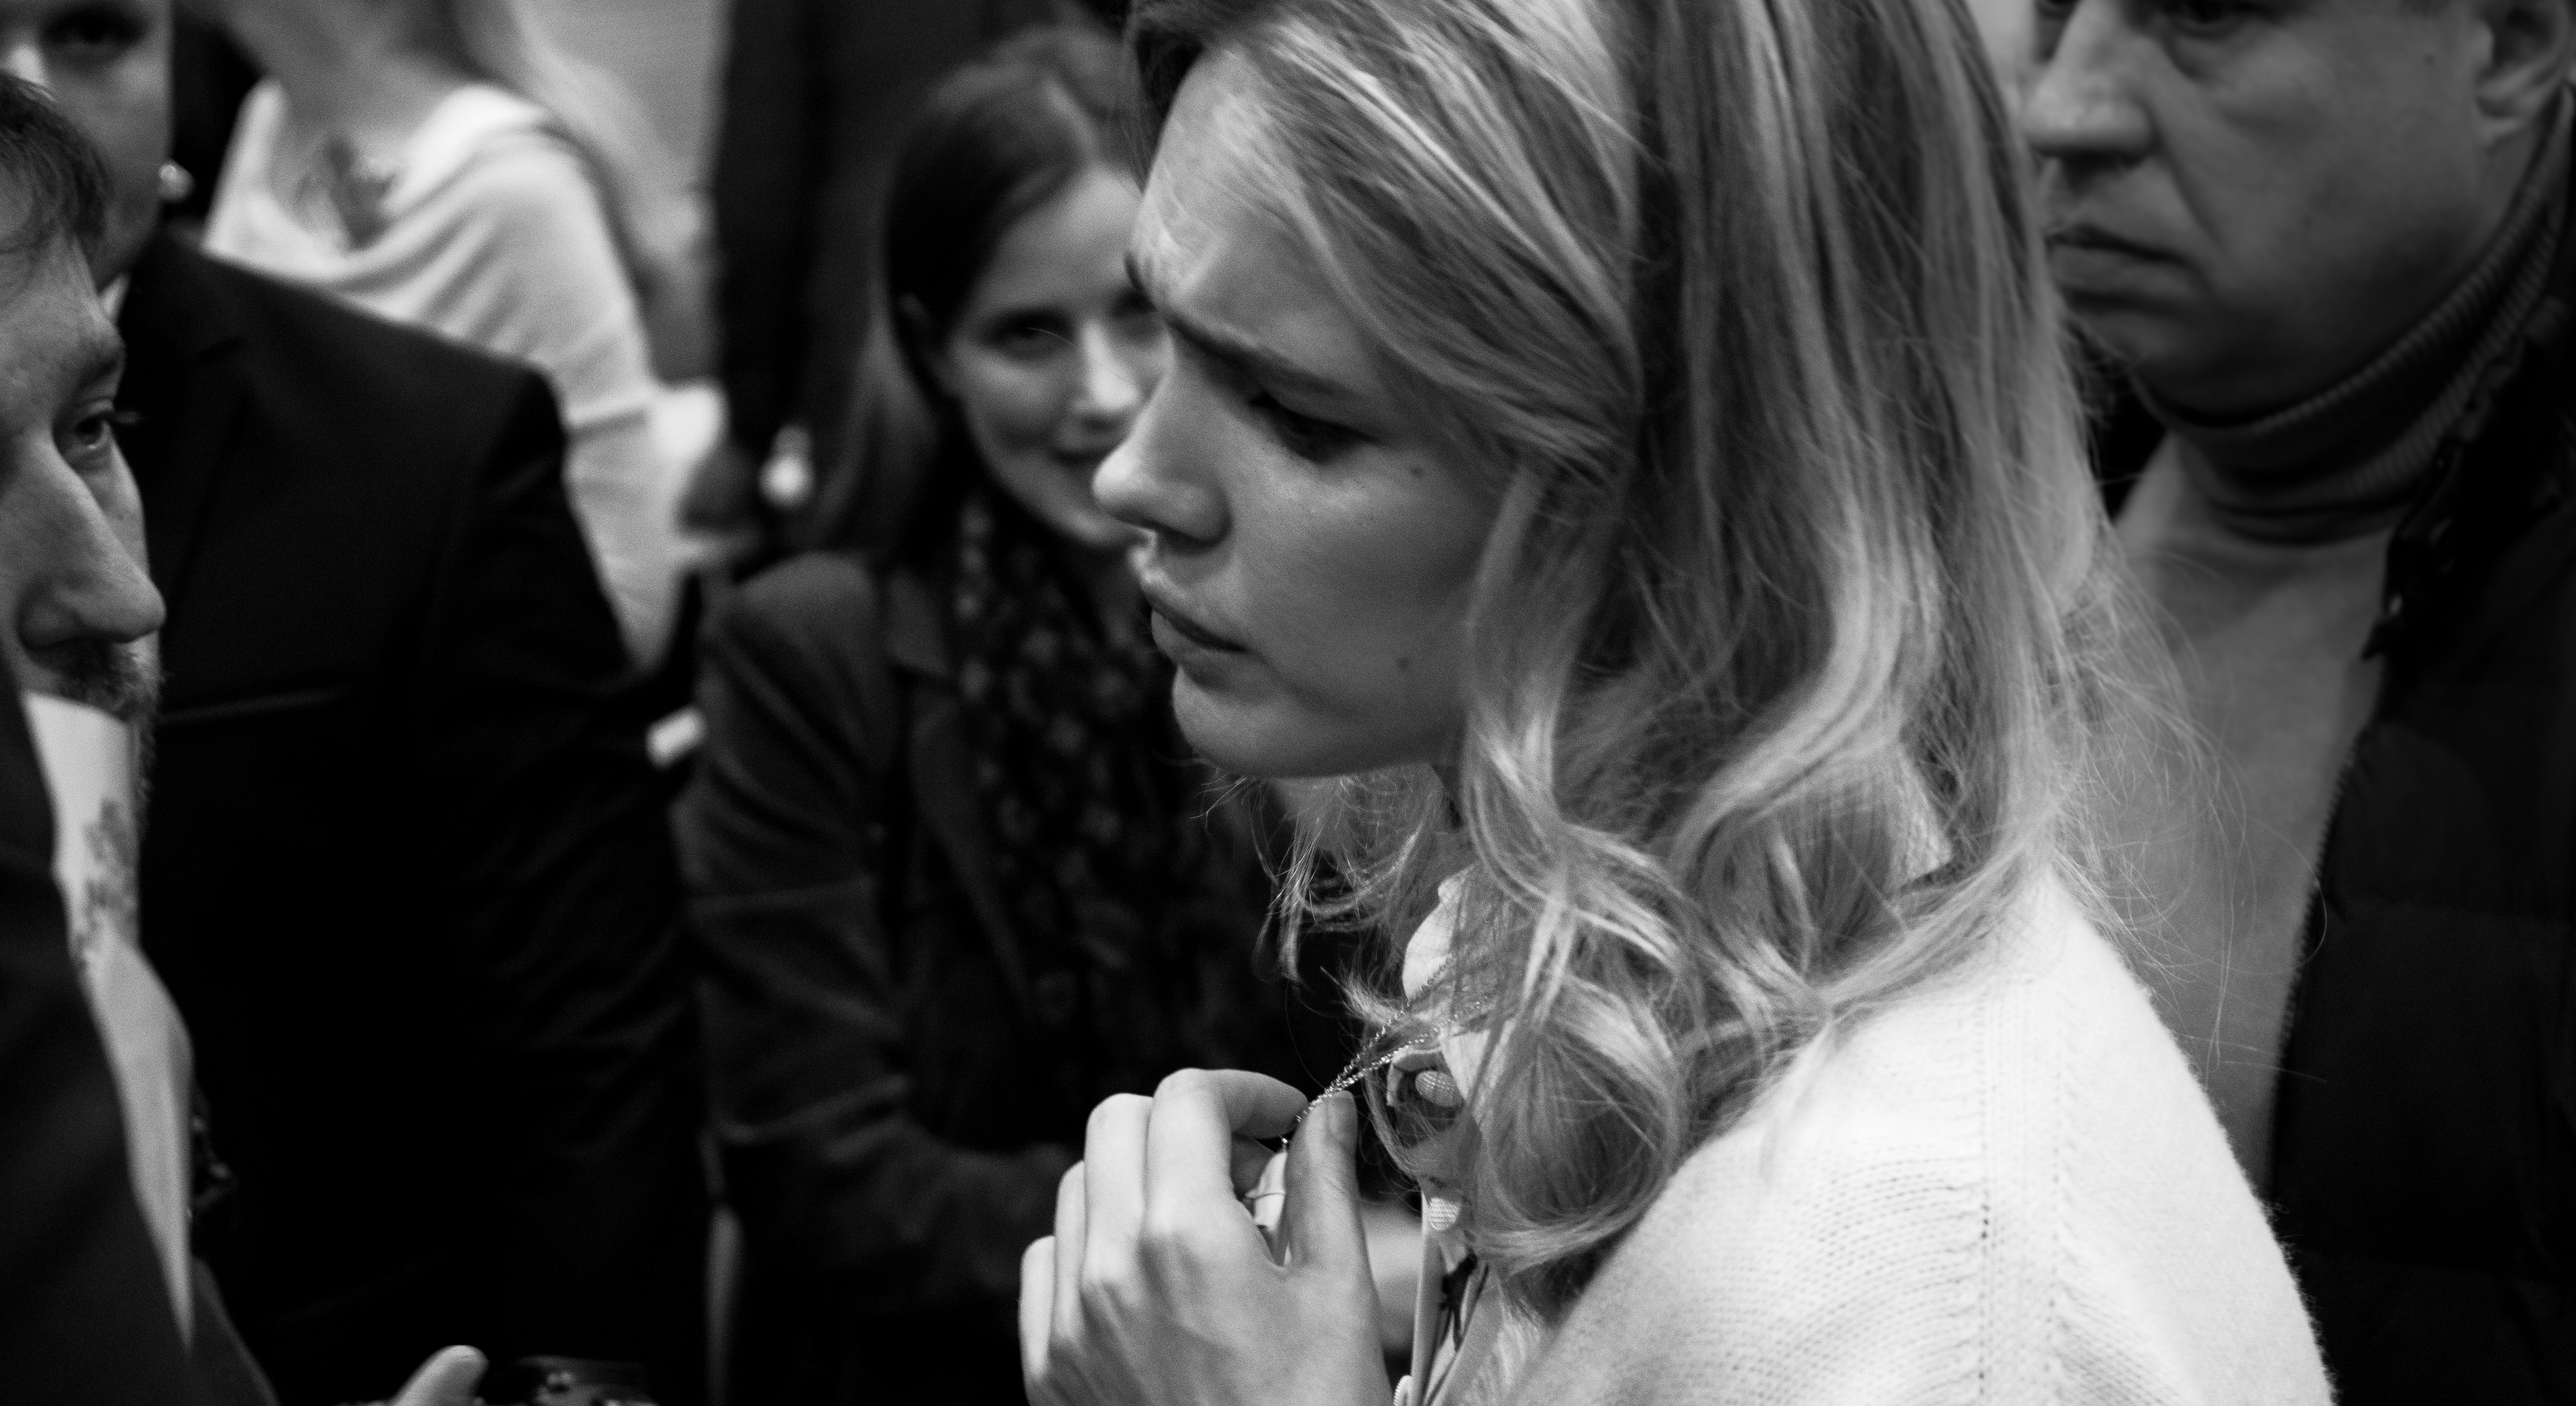 Photo of Не молчи!: Водянова проводит благотворительные проекты на Неделе Моды в Москве  Не молчи!: Водянова проводит благотворительные проекты на Неделе Моды в Москве DSC2837 Edit1